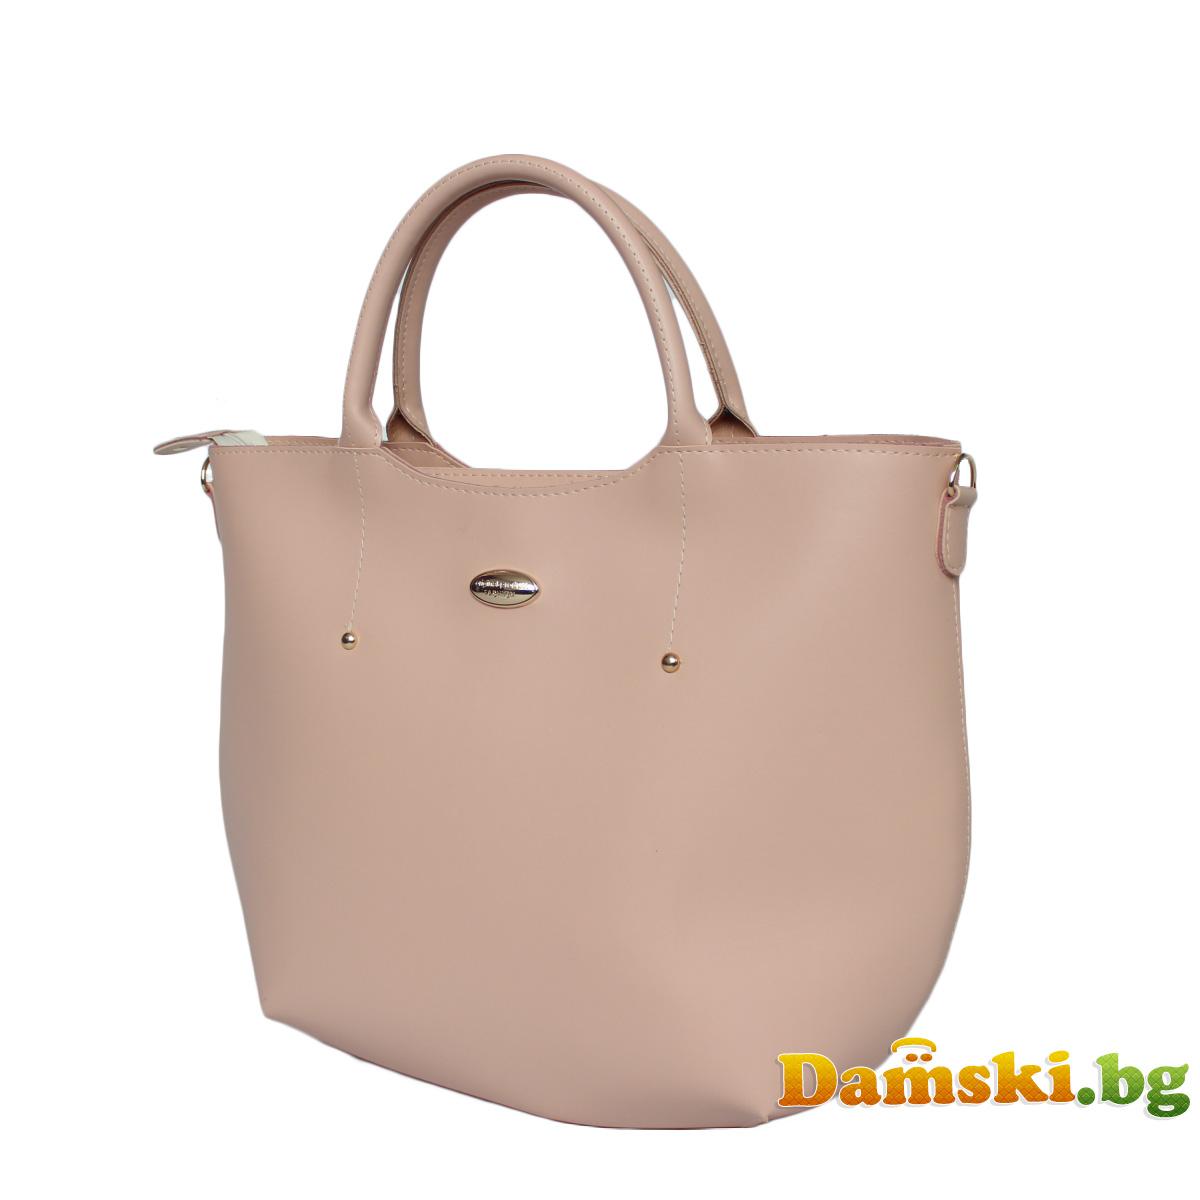 Елегантна розова дамска чанта Ина Снимка 3 от 3